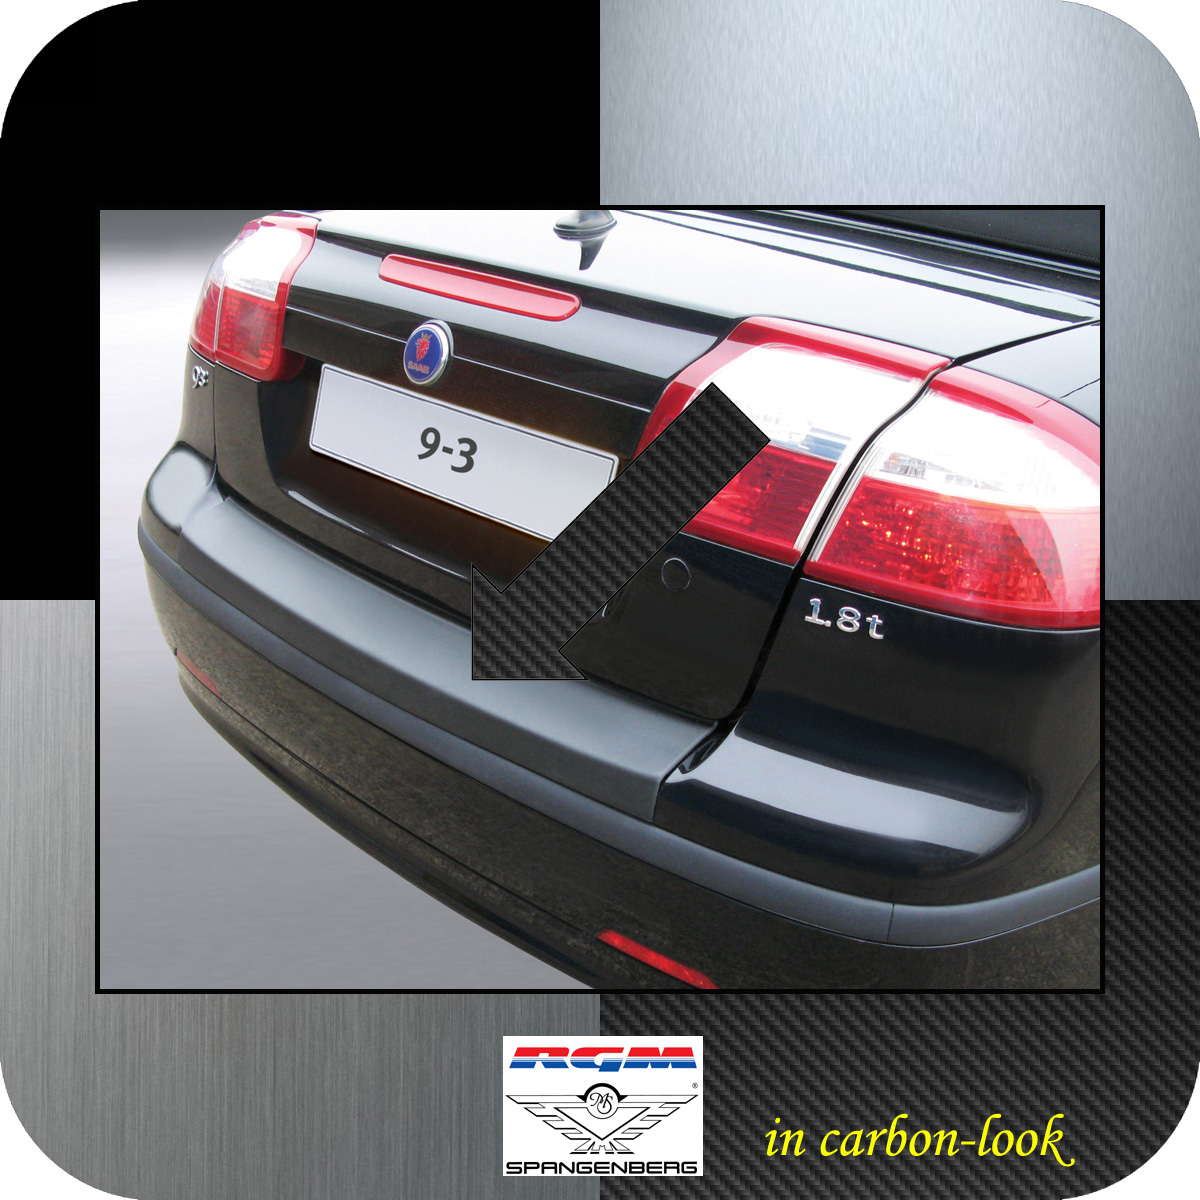 Ladekantenschutz Carbon-Look Saab 9-3 II Cabrio 2-türig vor Mopf 2003-07 3509403